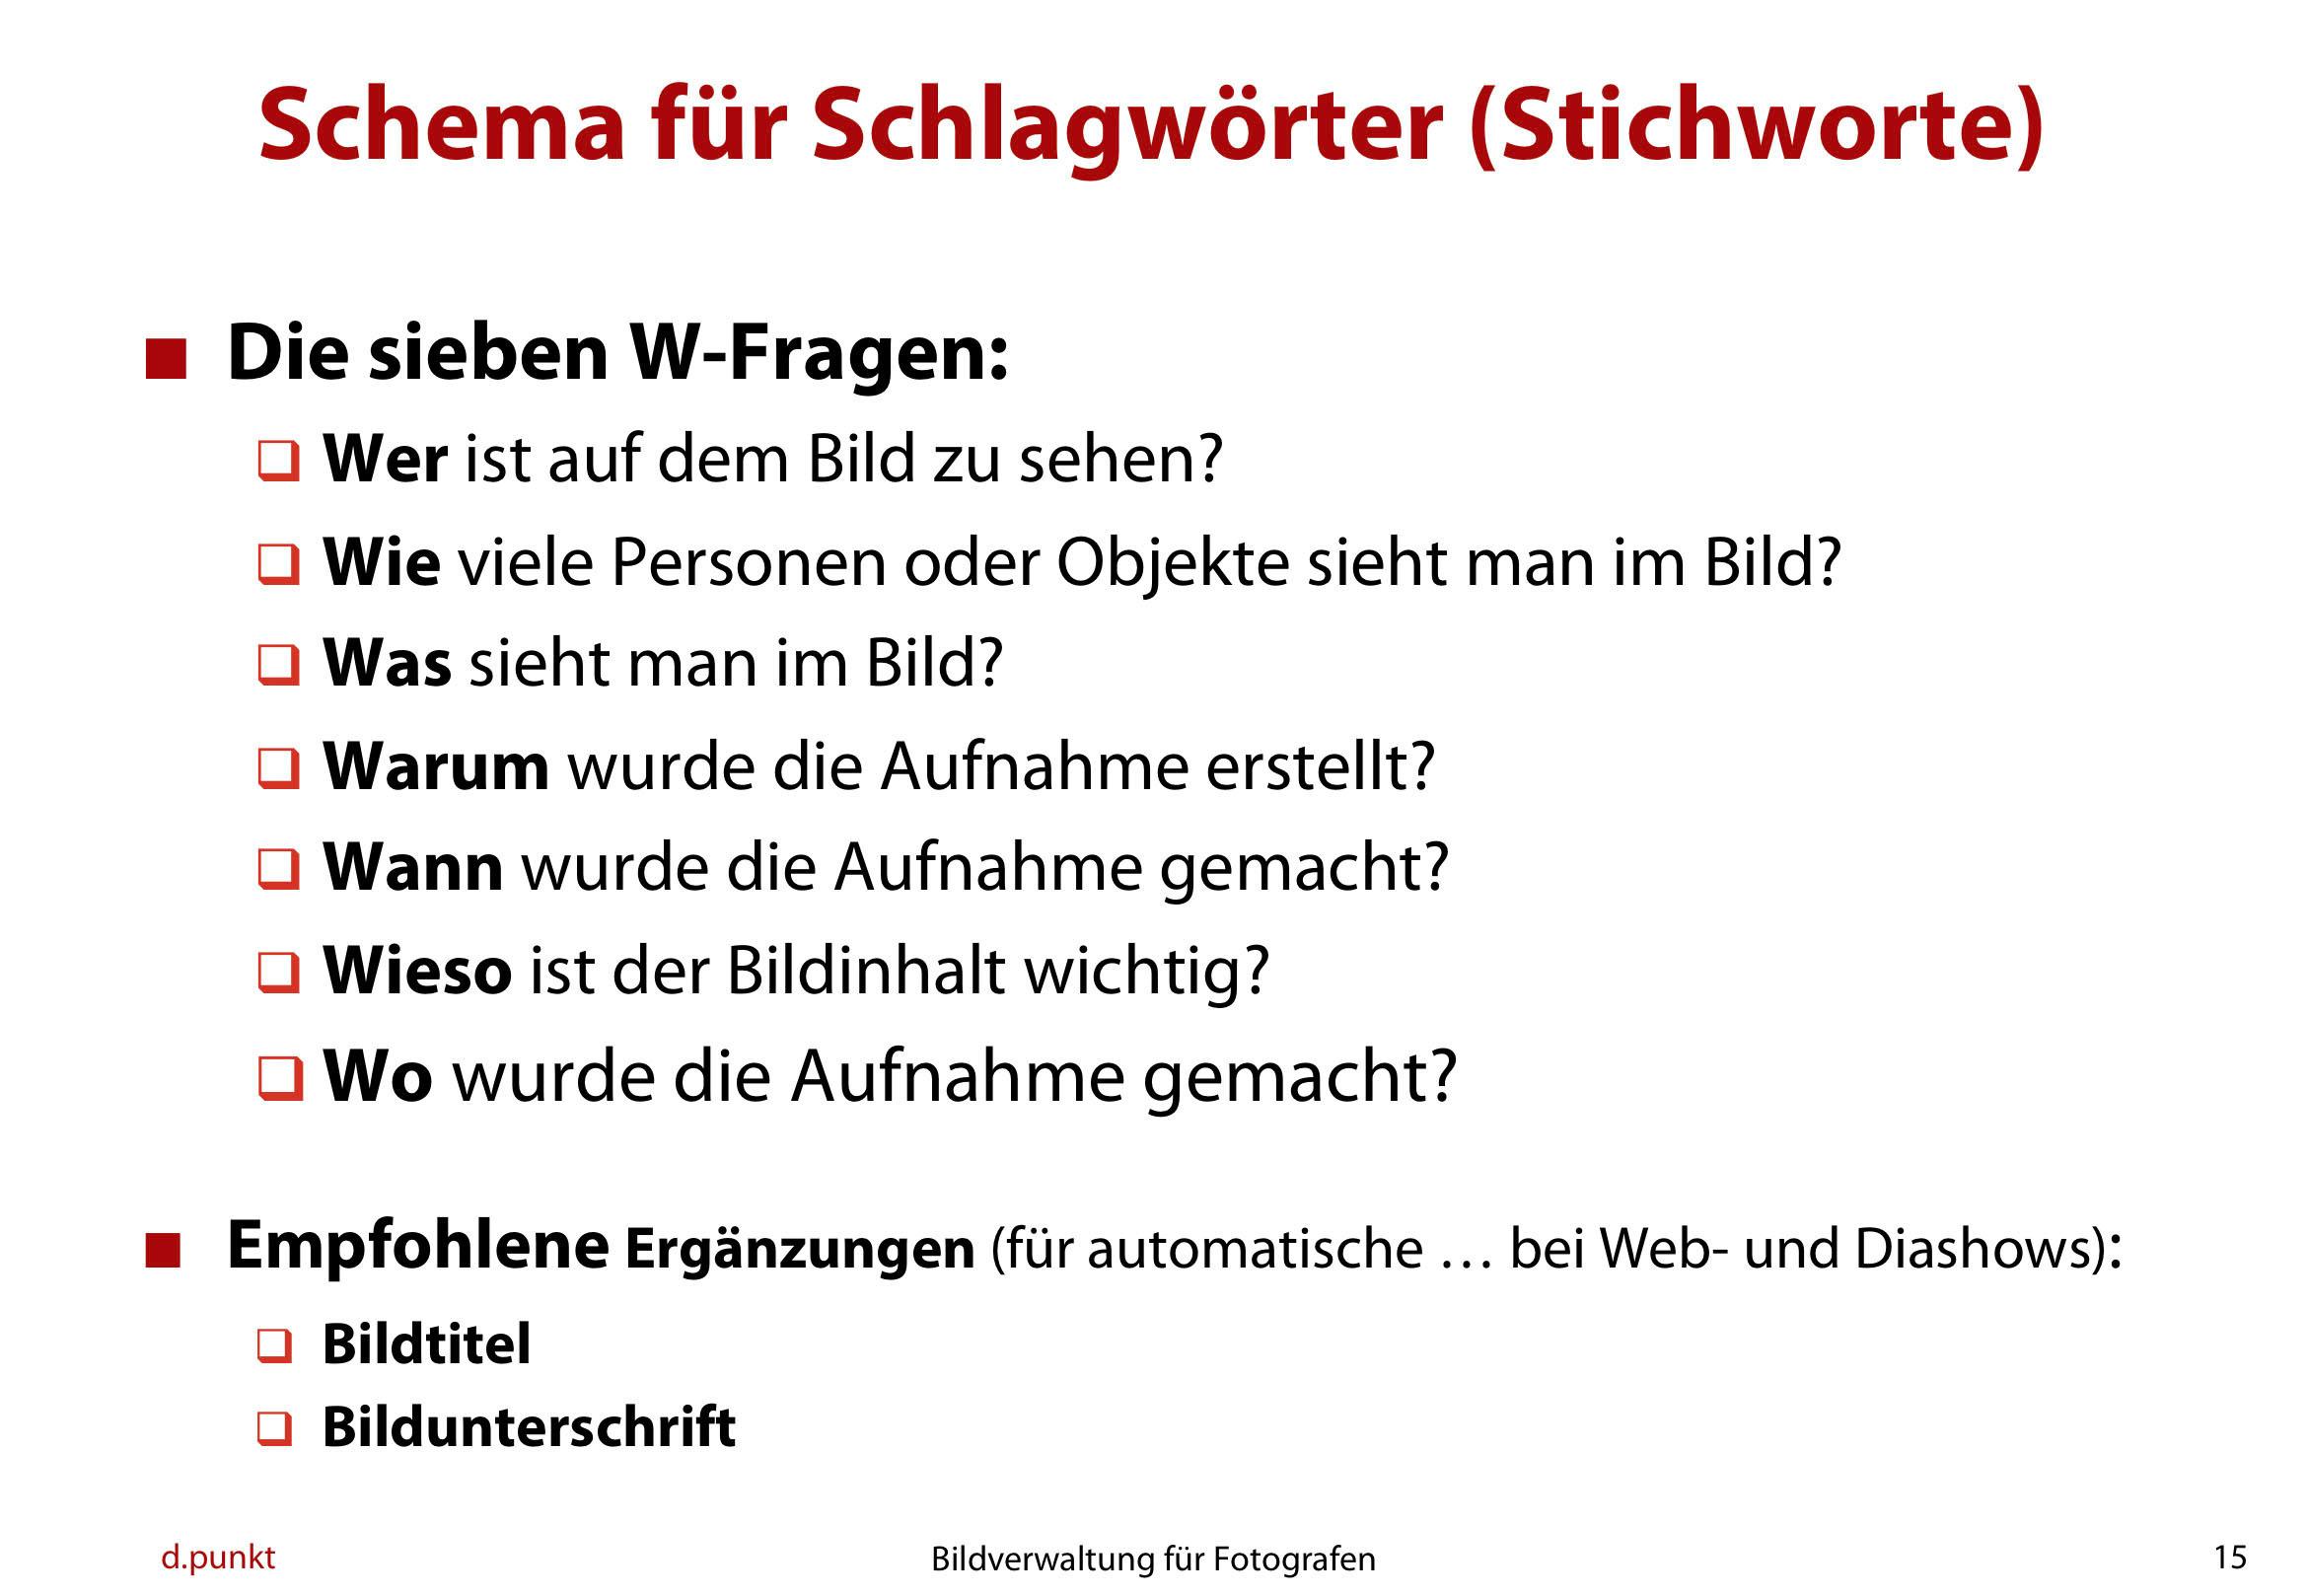 Stichwort-Schema.jpg